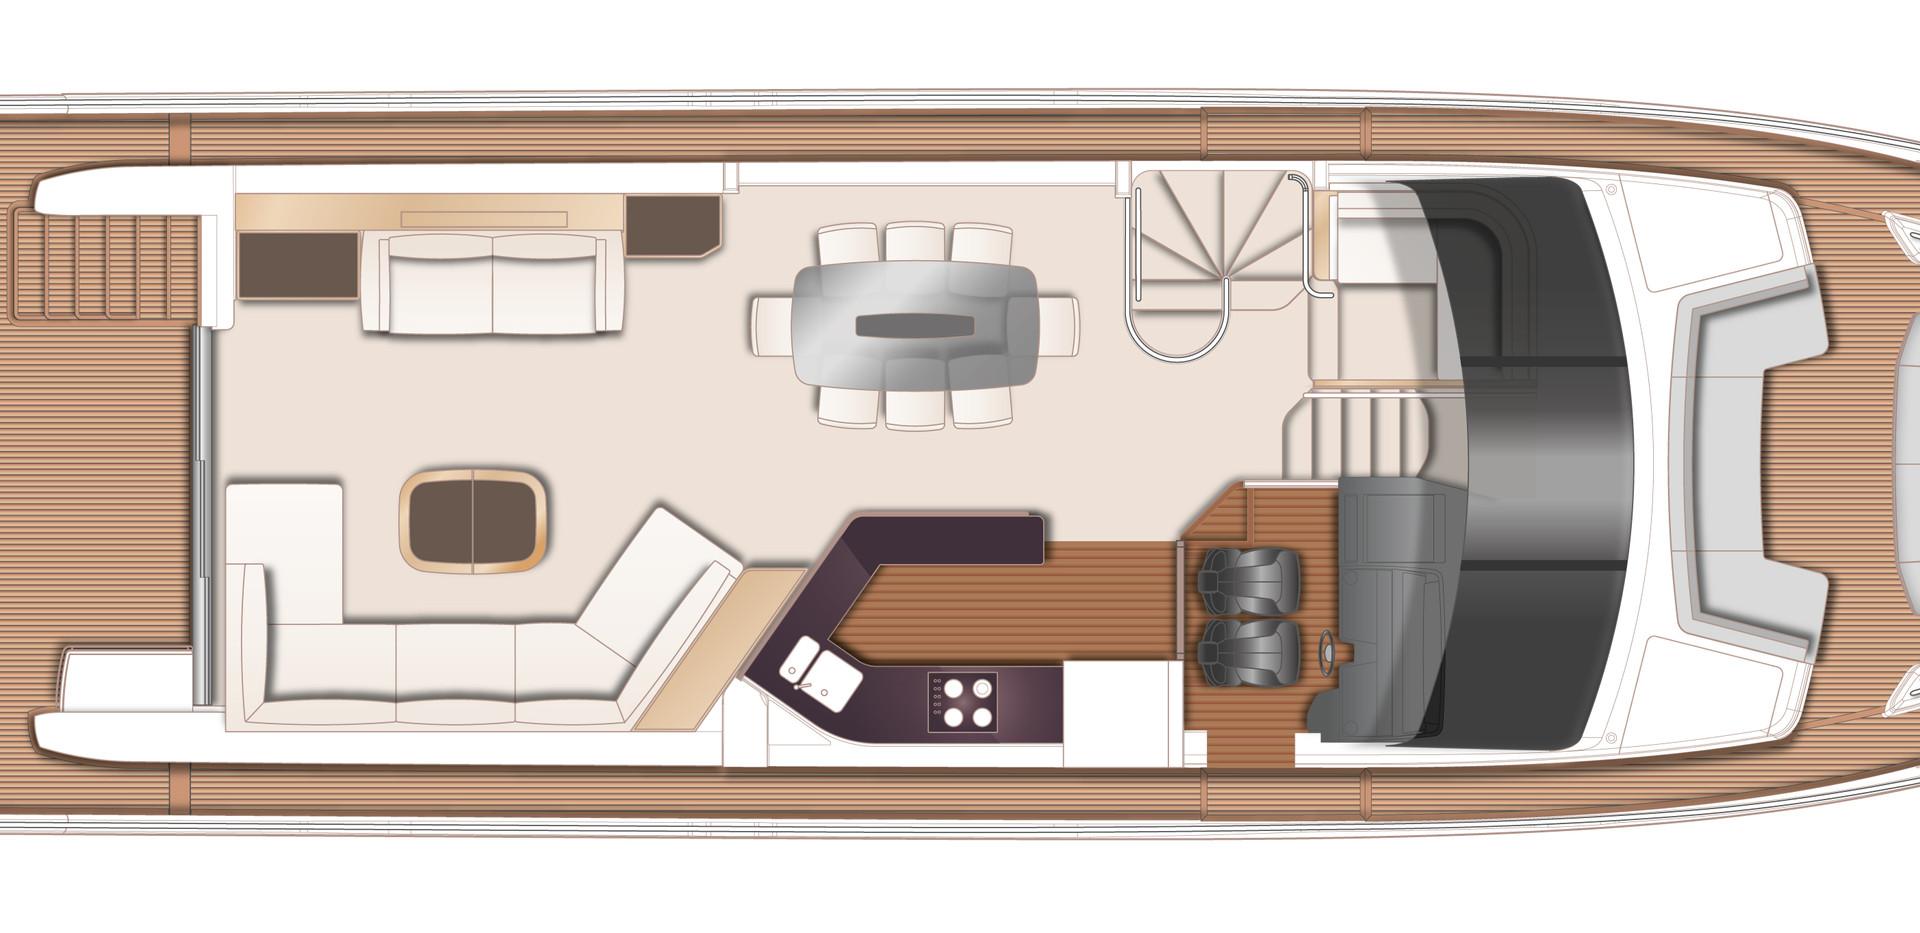 y78-layut-main-deck.jpg